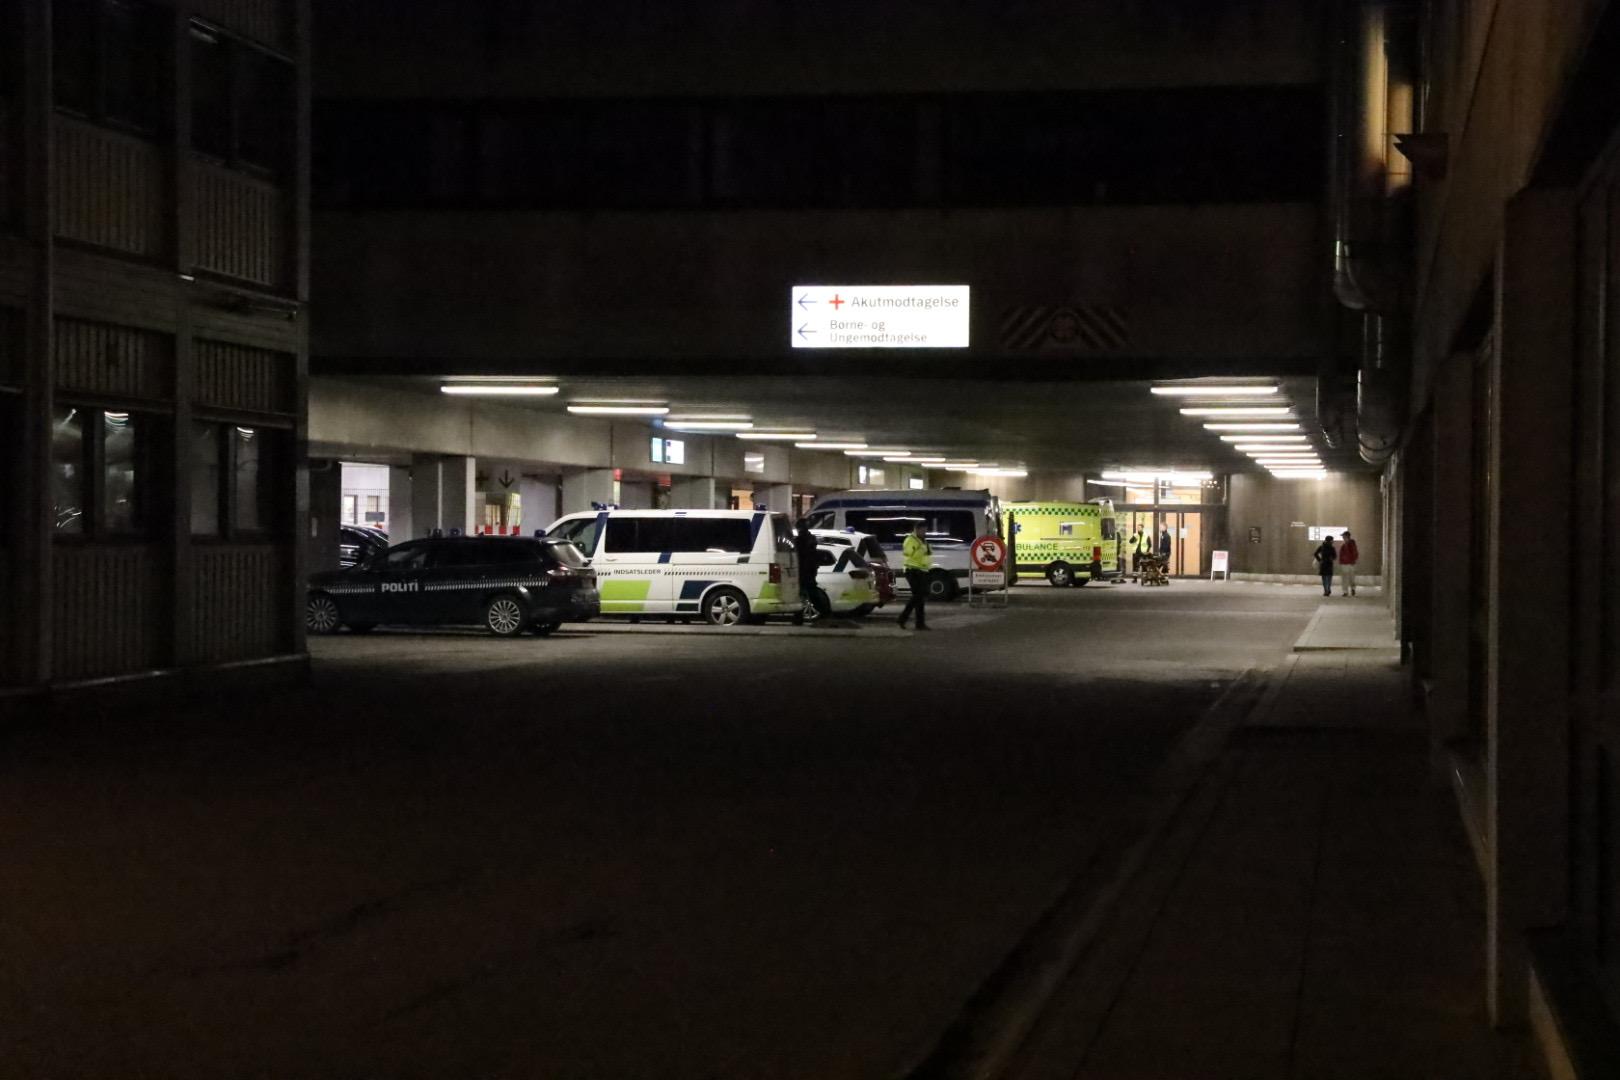 Politiaktion på Herlev sygehus